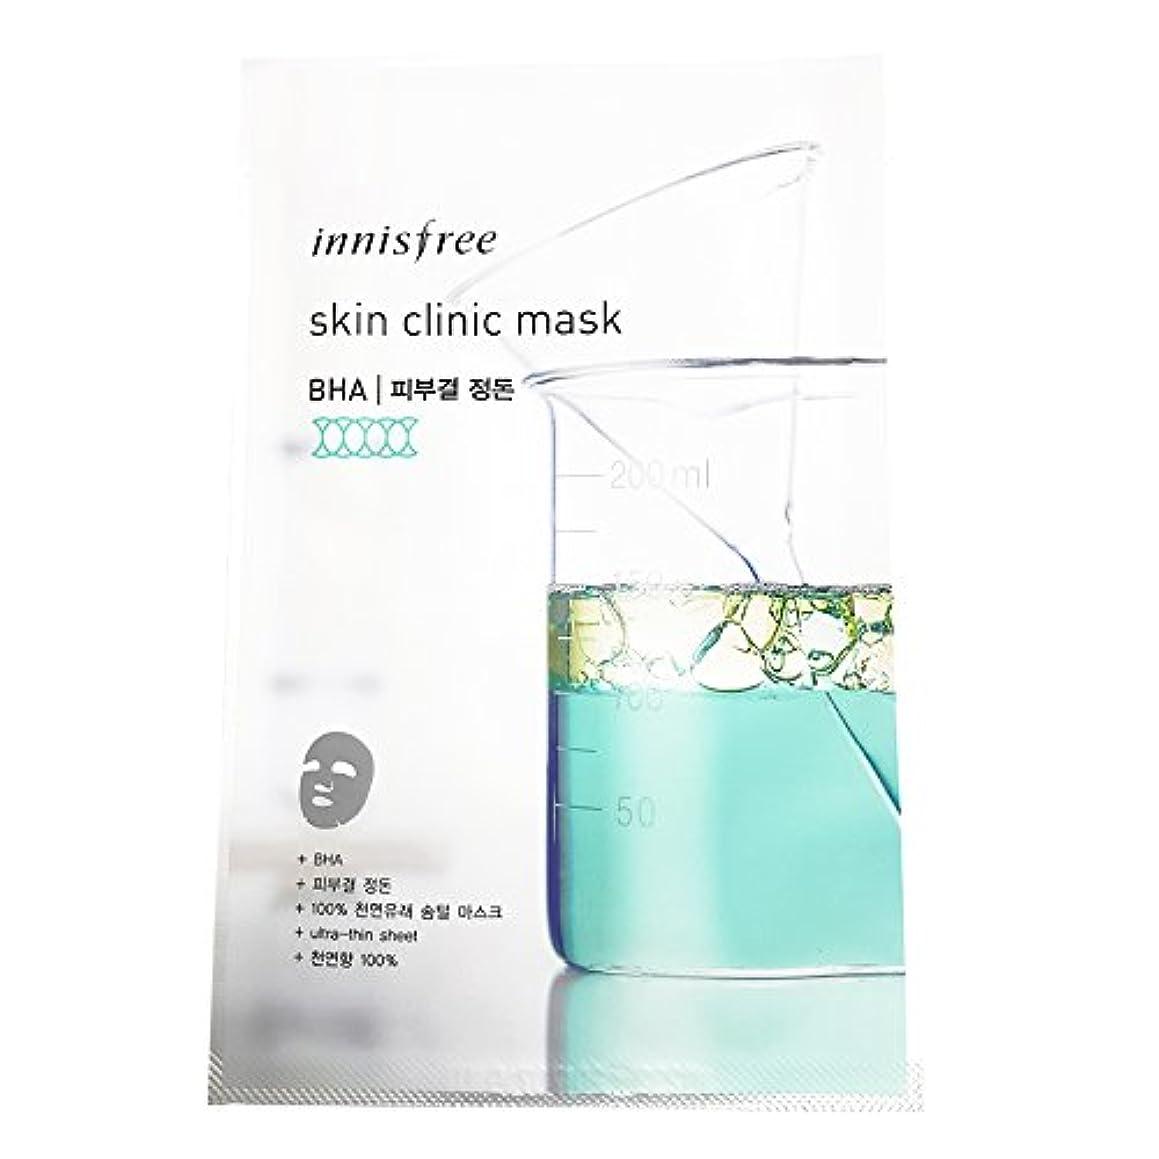 グレートバリアリーフ港修正する[イニスプリー] Innisfree スキンクリニックマスク(20ml)-BHA(肌別整頓) Innisfree Skin Clinic Mask(20ml)-BHA [海外直送品]